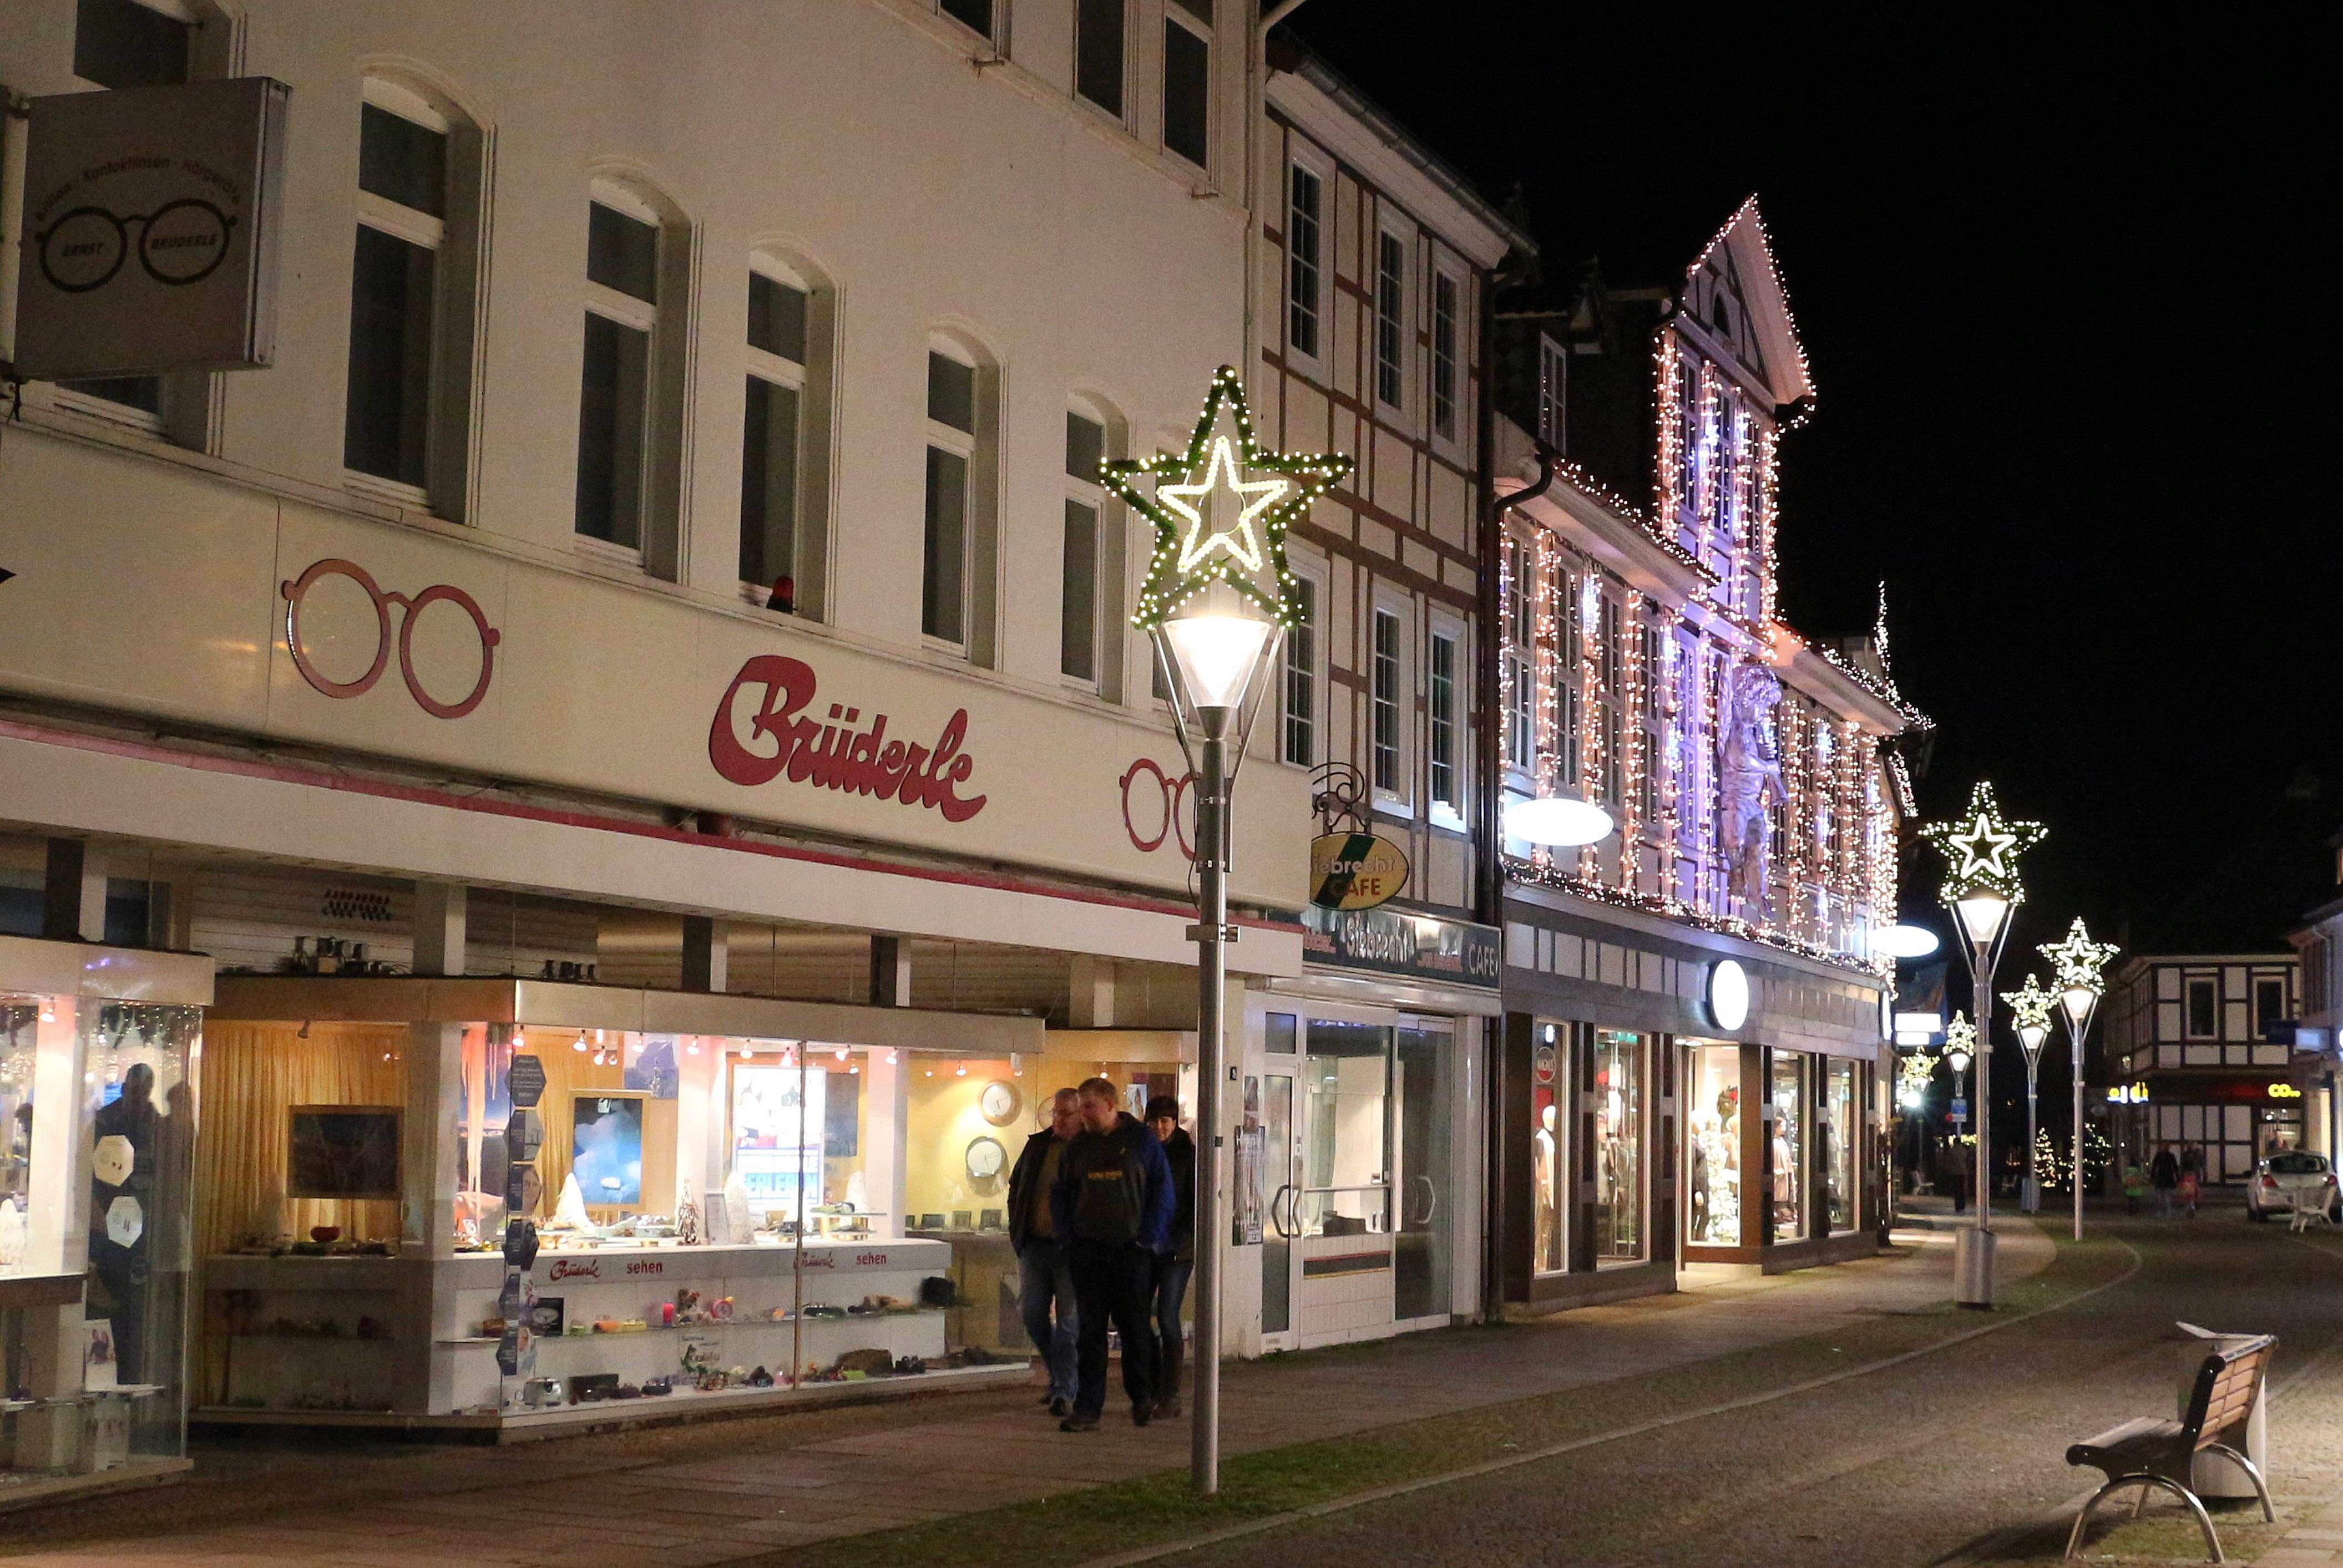 Weihnachtsbeleuchtung Forum.Weihnachtsbeleuchtung Alt Alfeld De